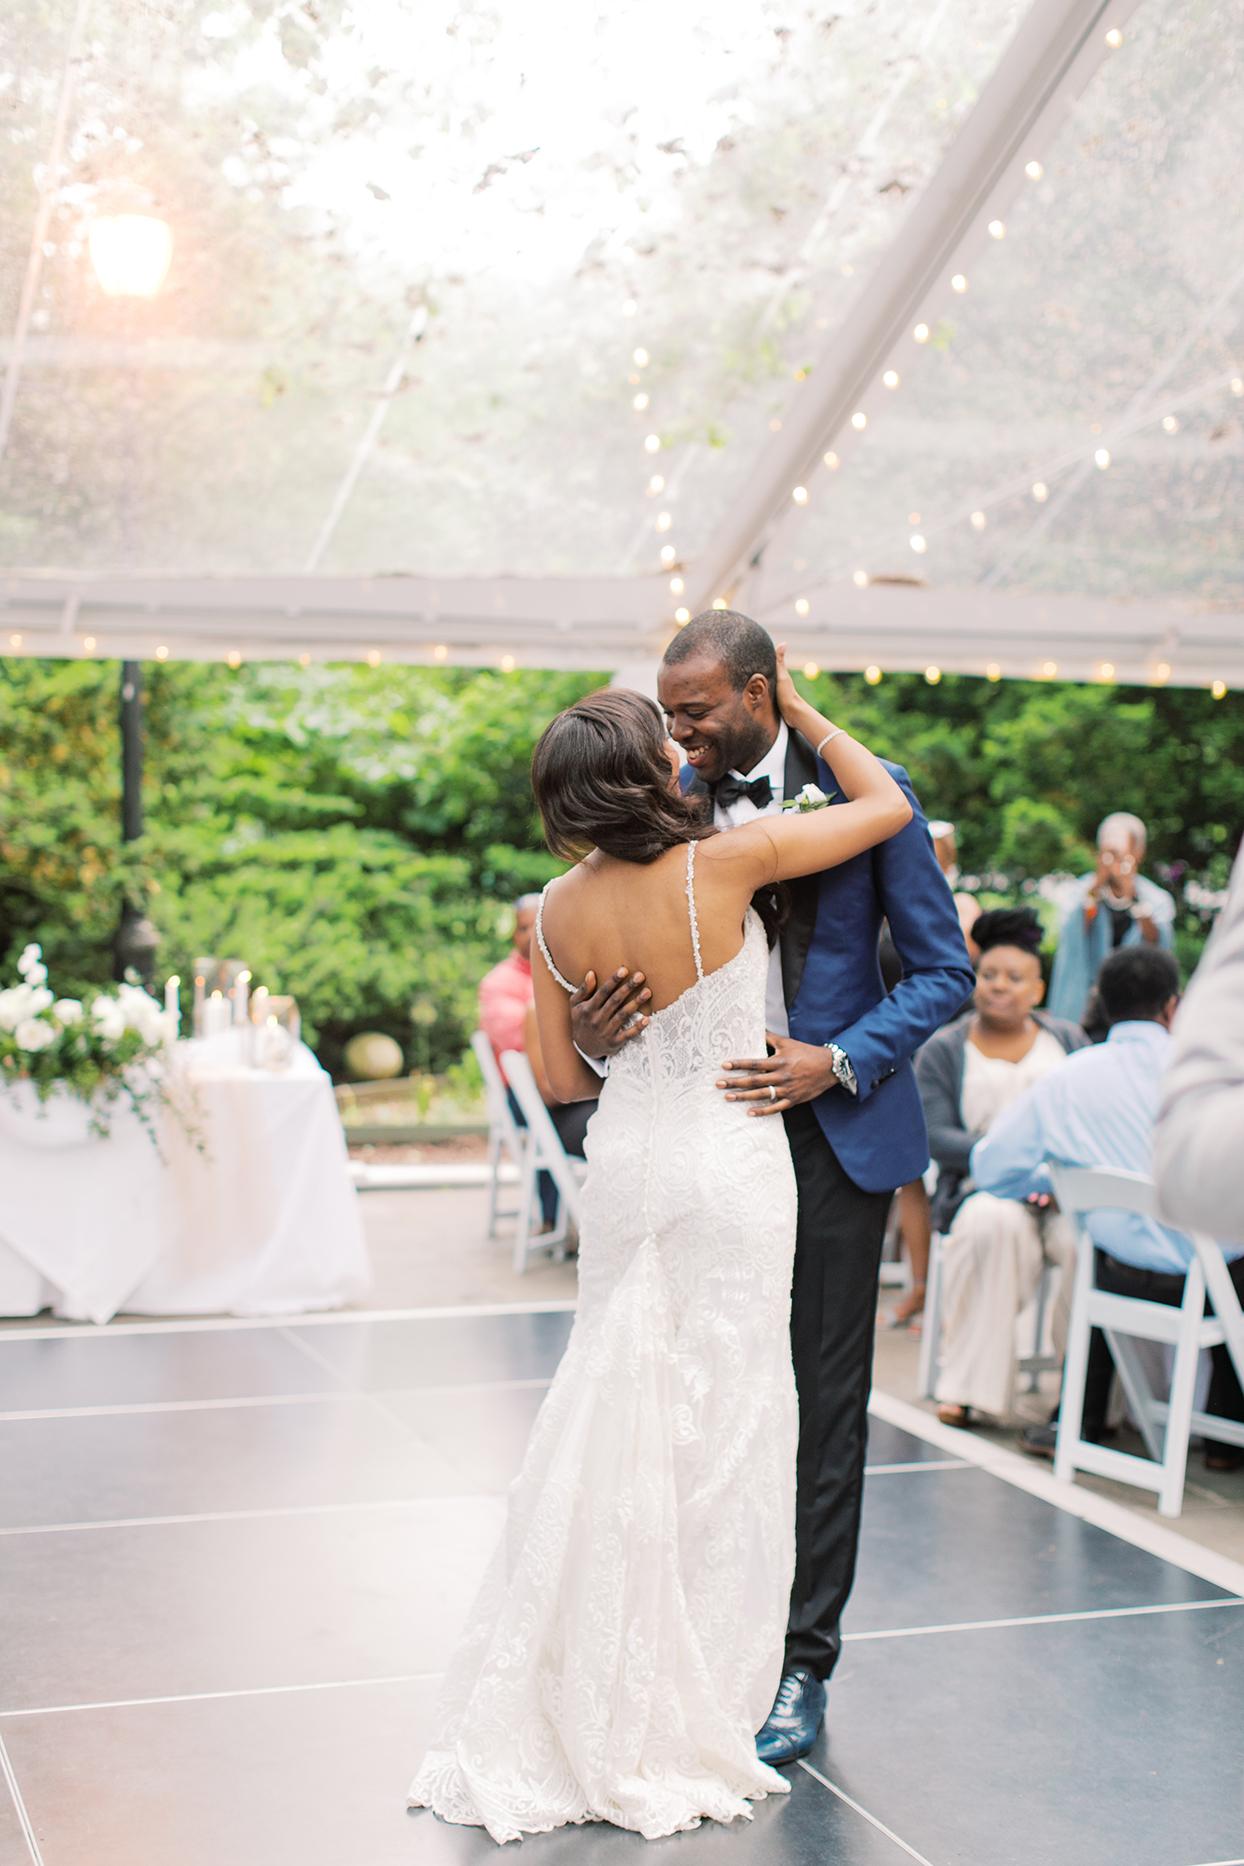 wedding couple first dance on outdoor dance floor under tent